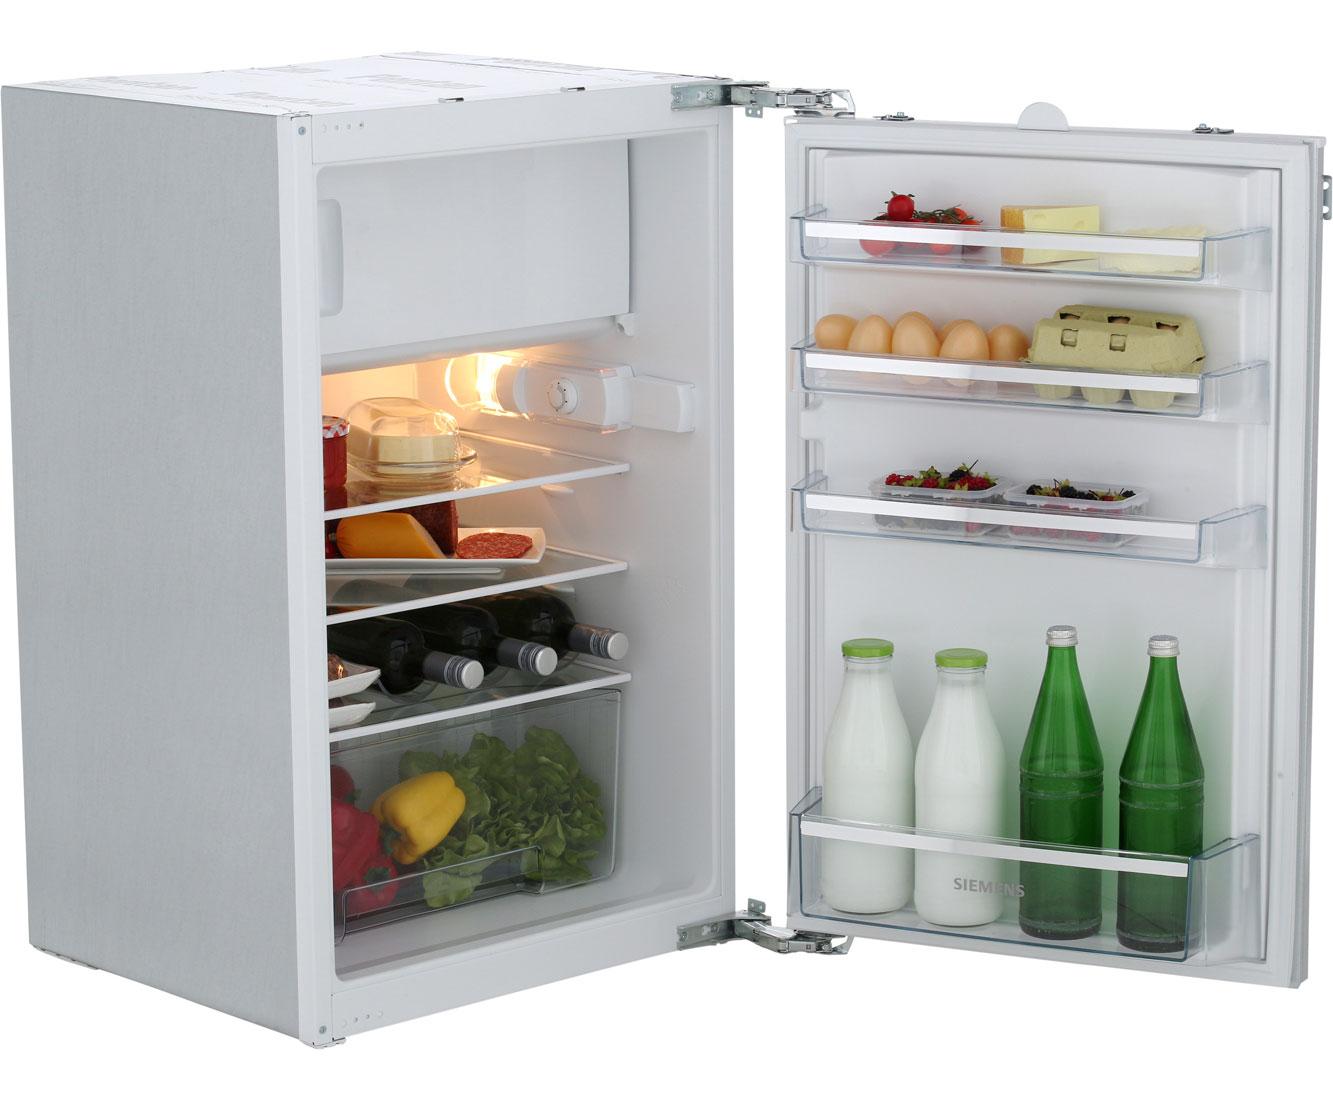 Amica Kühlschrank Dekorfähig : Amica kühlschrank dekorfähigkeit kühlschrank test sieger der